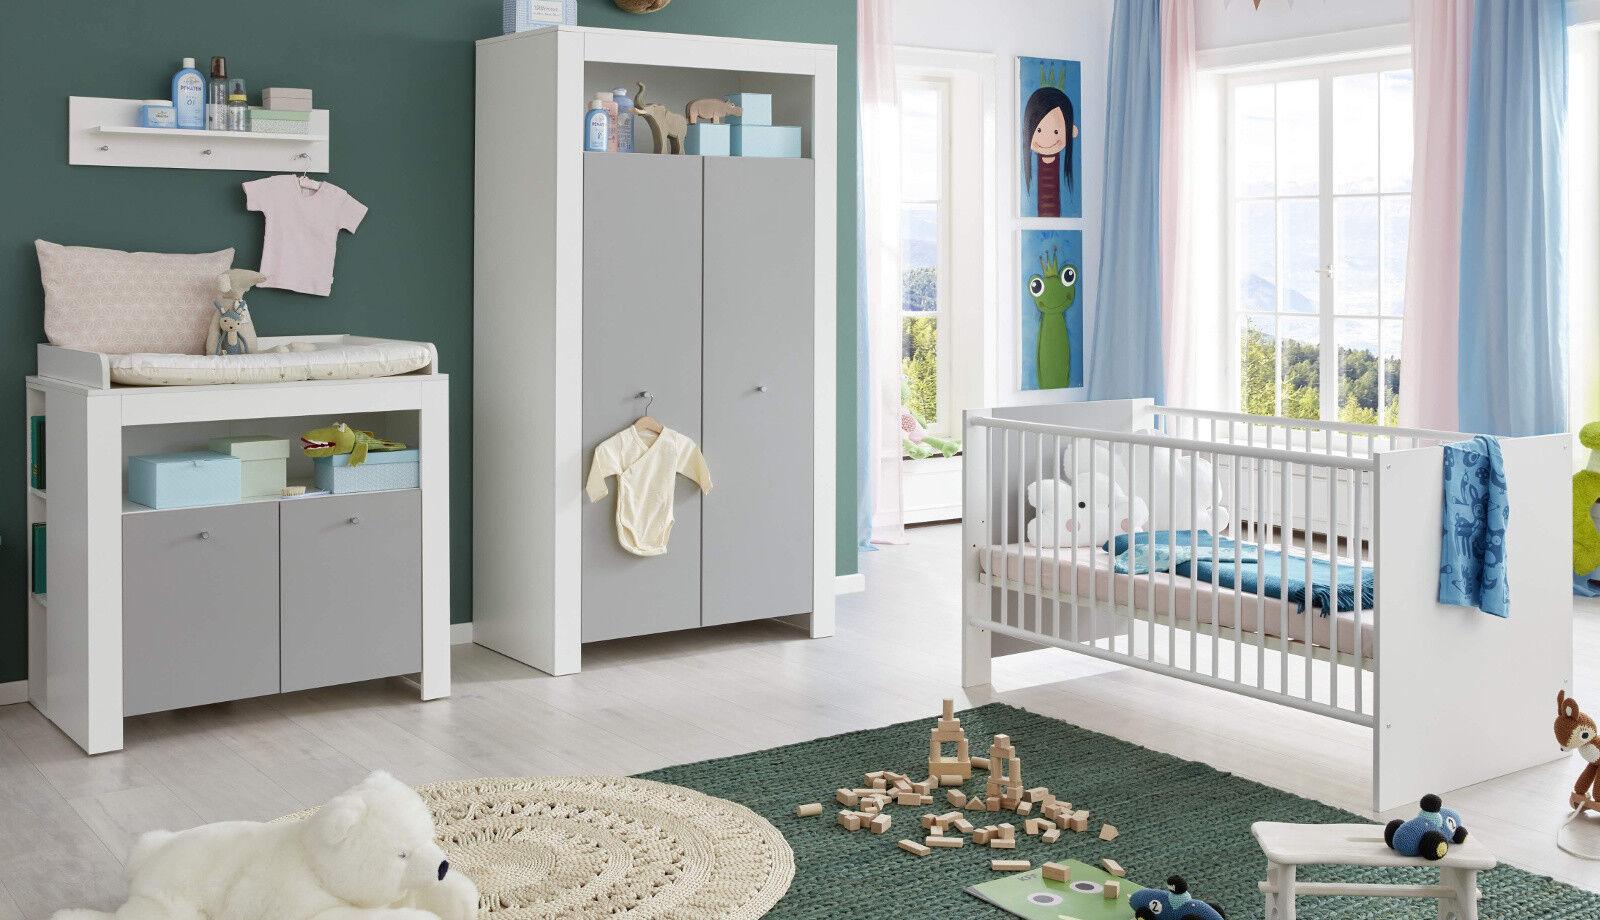 Baby Bett Mit Wickelkommode Test Vergleich Baby Bett Mit